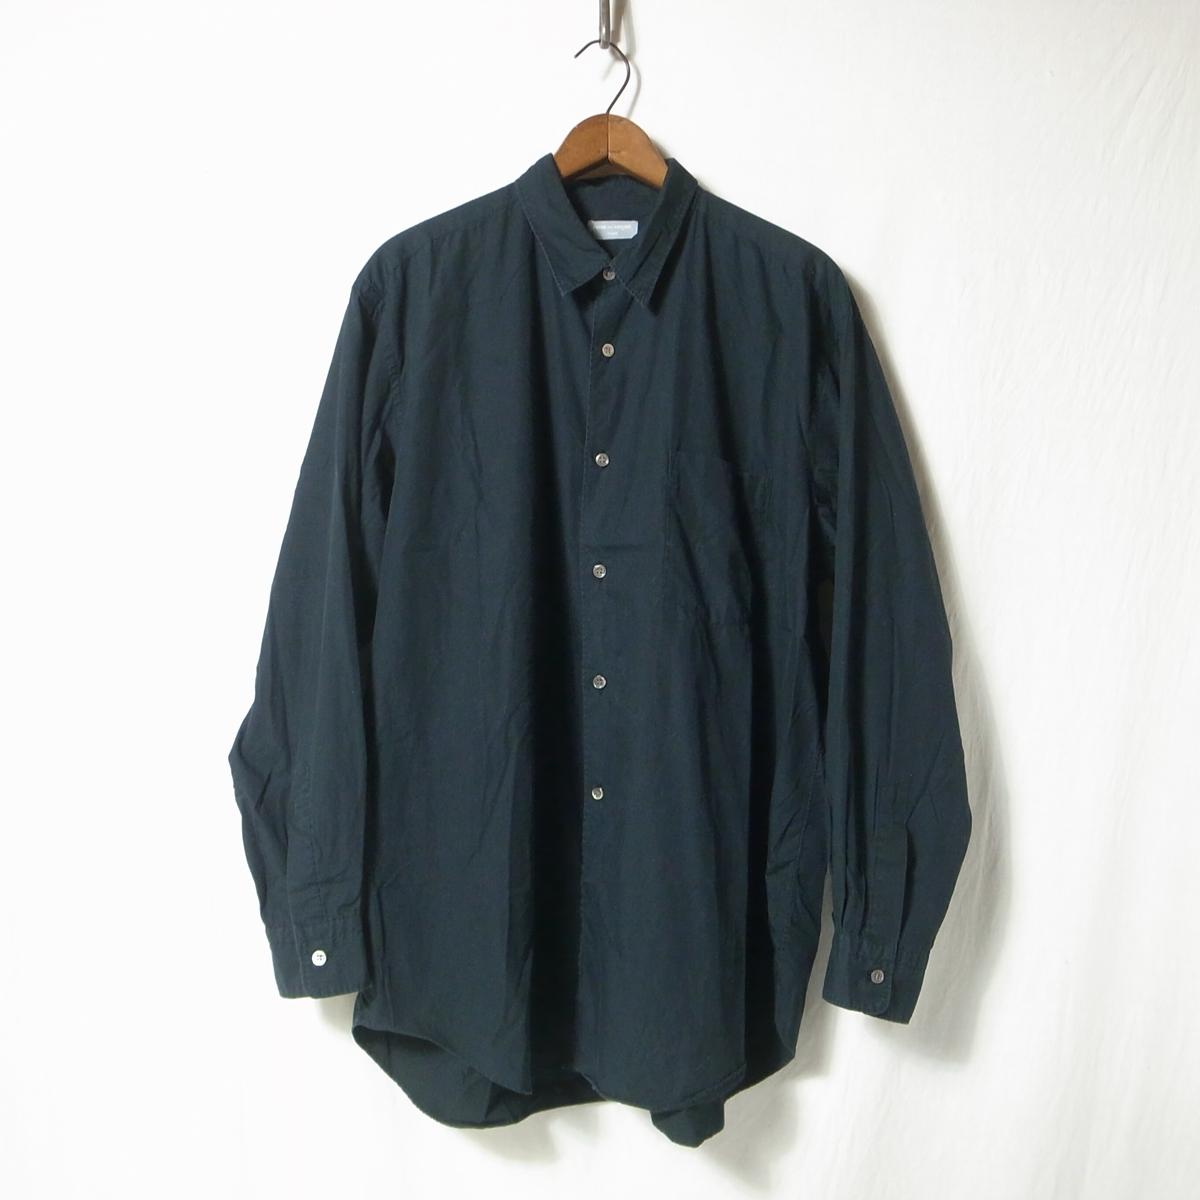 90s COMME des GARCONS HOMME コムデギャルソン オム 長袖 シャツ 黒 無地 / ビッグシルエット ブランド古着 アーカイブ